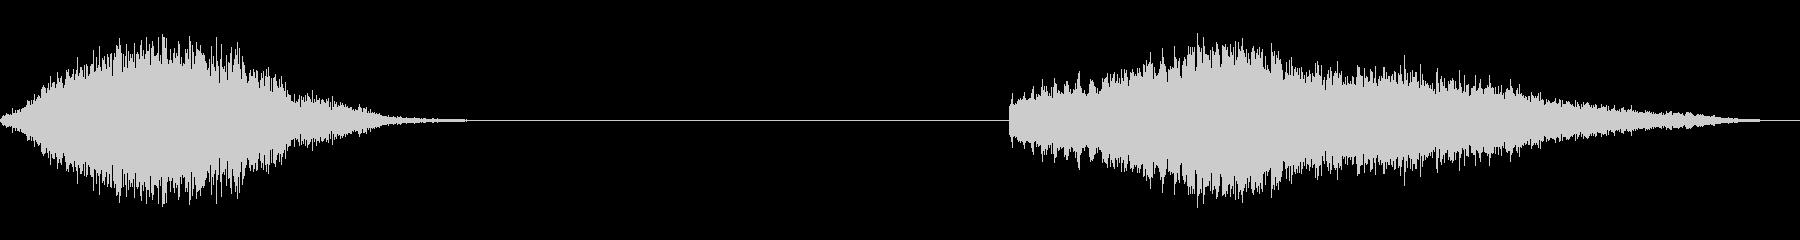 ホラースライド、2バージョン。 D...の未再生の波形